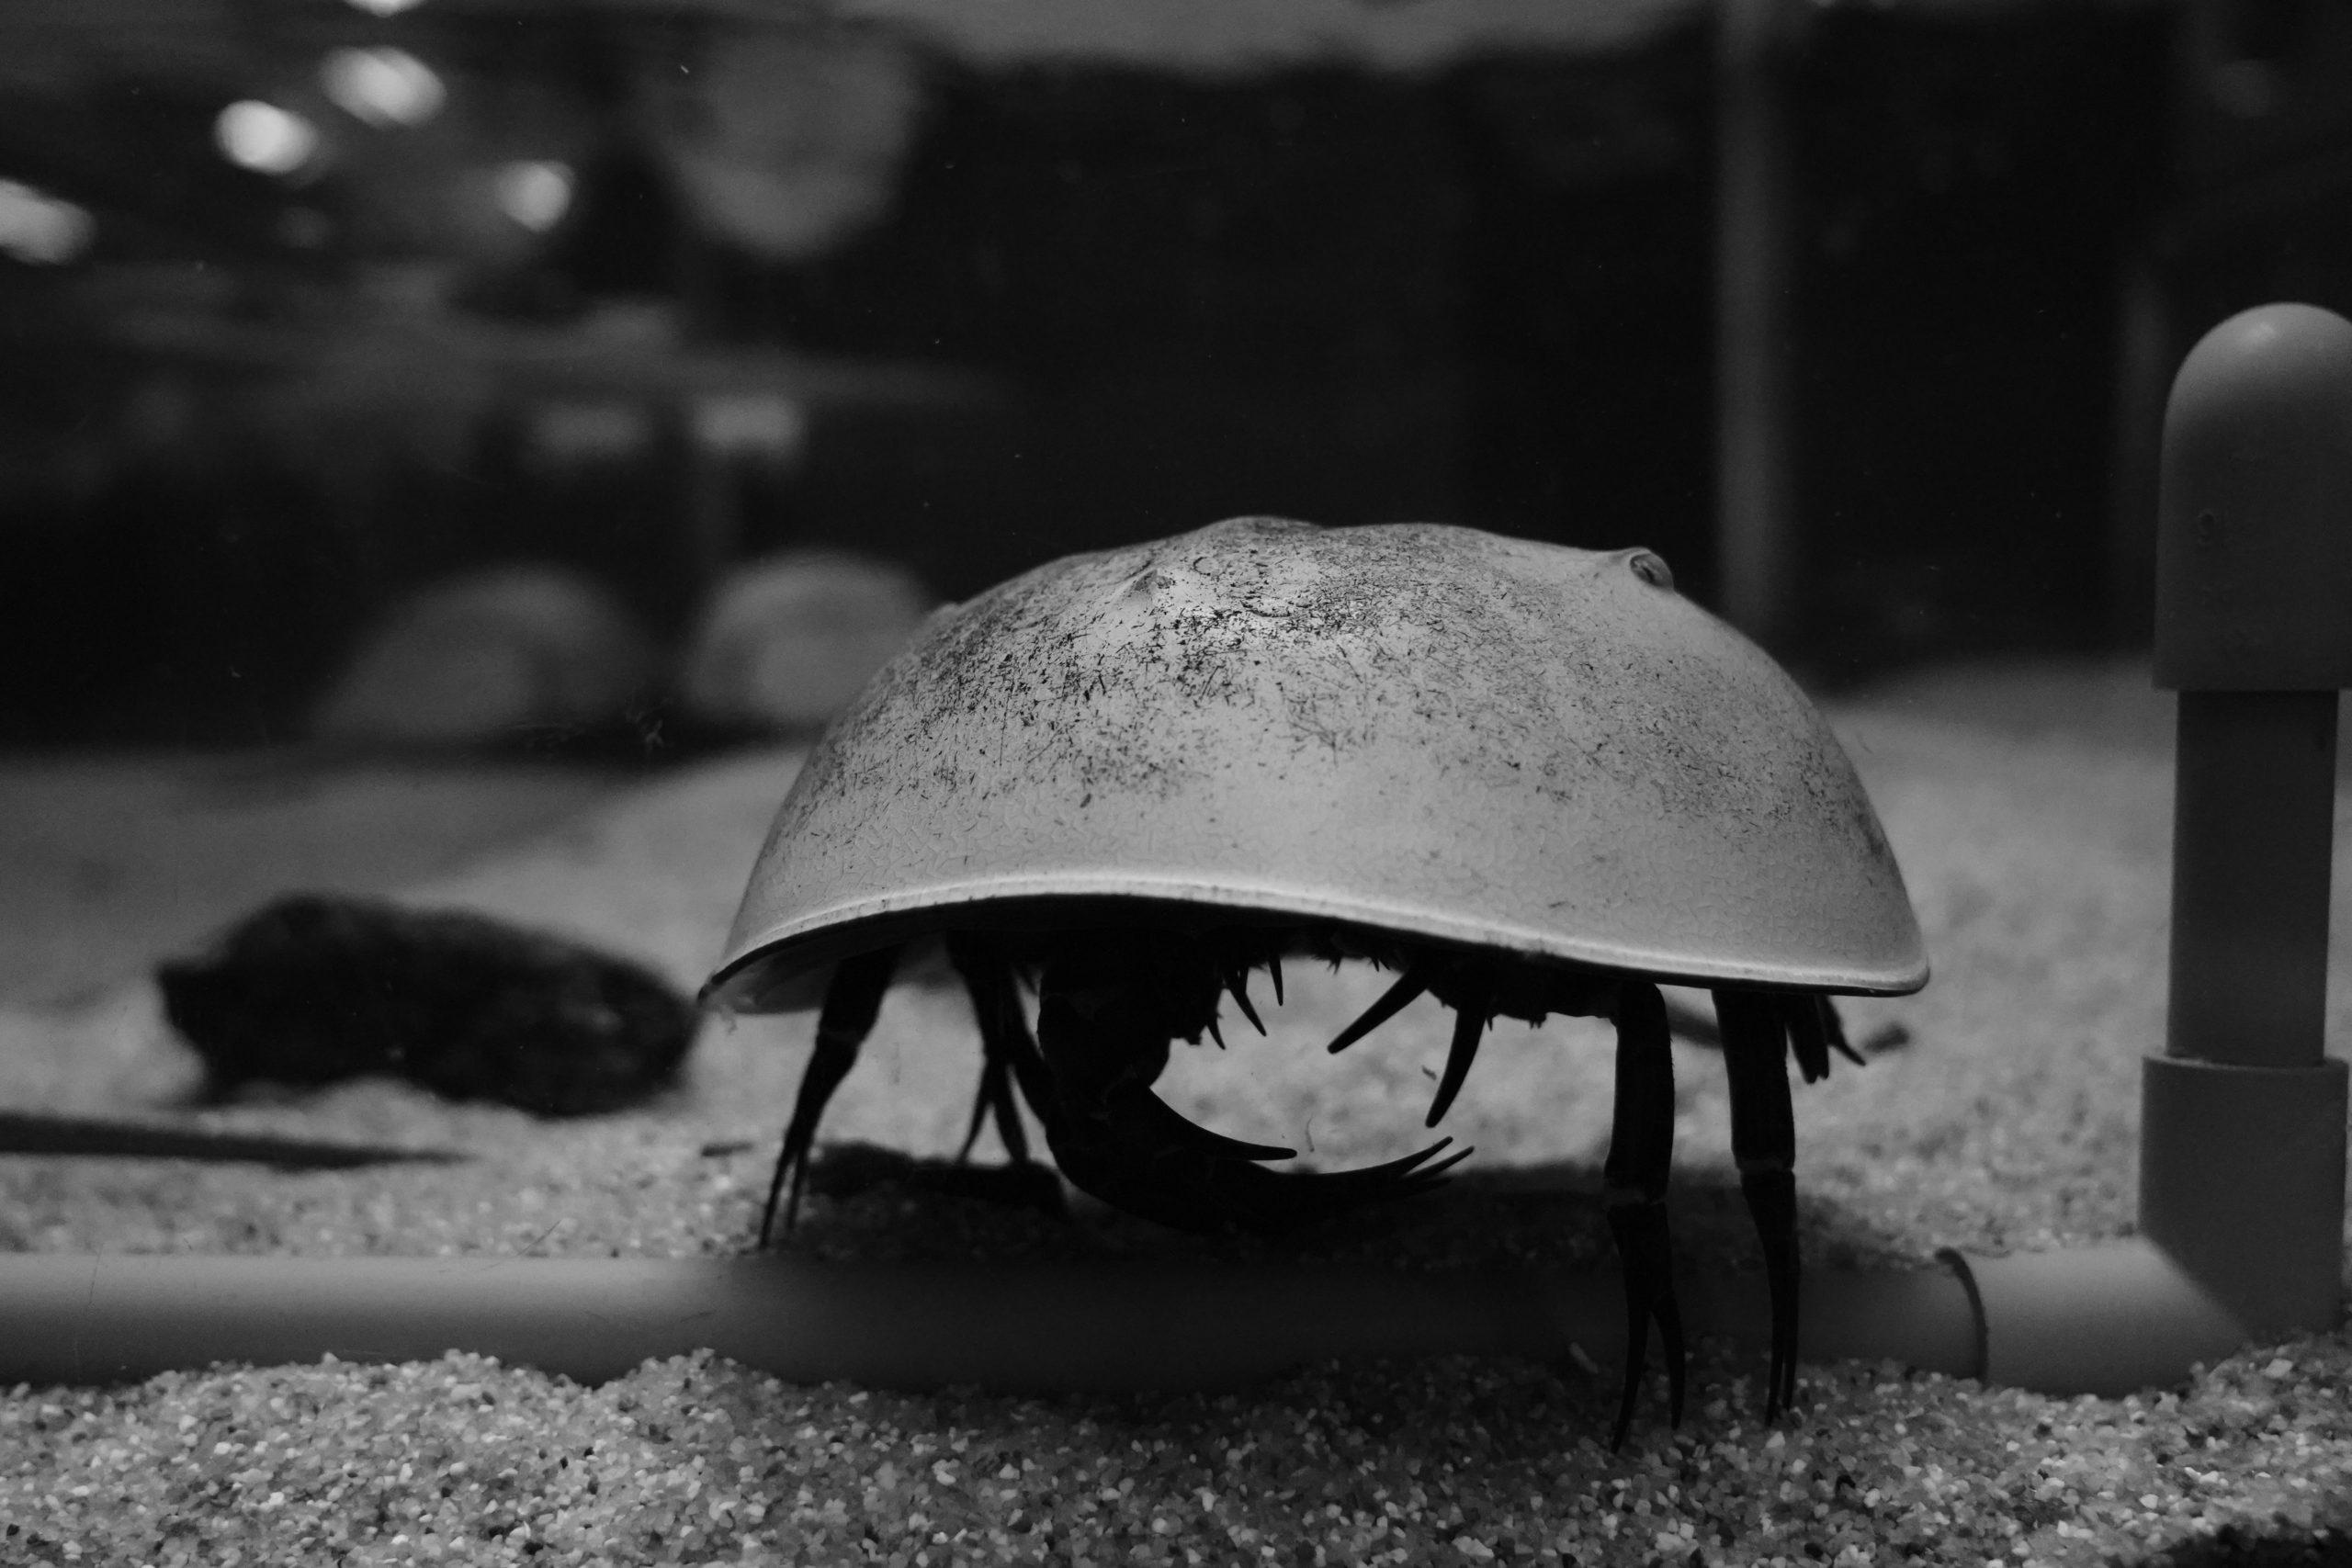 モノクロで撮る「海の世界」竹島水族館(愛知県蒲郡市)#SONY FE 24-105mm F4 G OSS SEL24105G